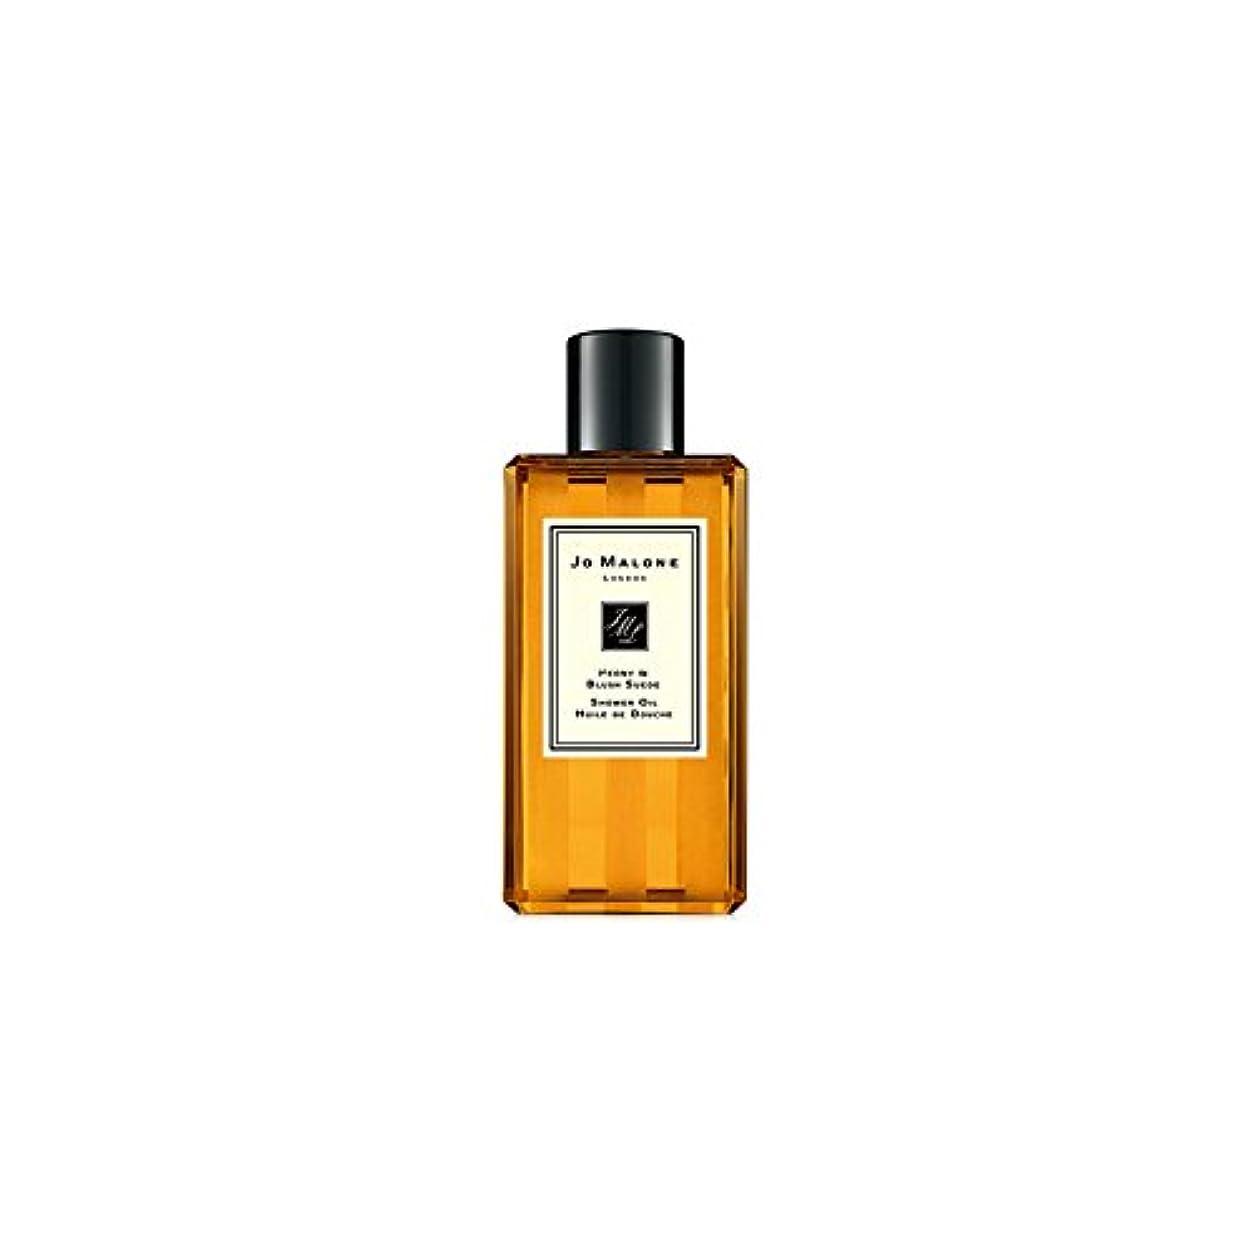 トピック植物学量でJo Malone Peony & Blush Suede Shower Oil - 250ml (Pack of 2) - ジョーマローン牡丹&スエードシャワーオイル赤面 - 250ミリリットル (x2) [並行輸入品]